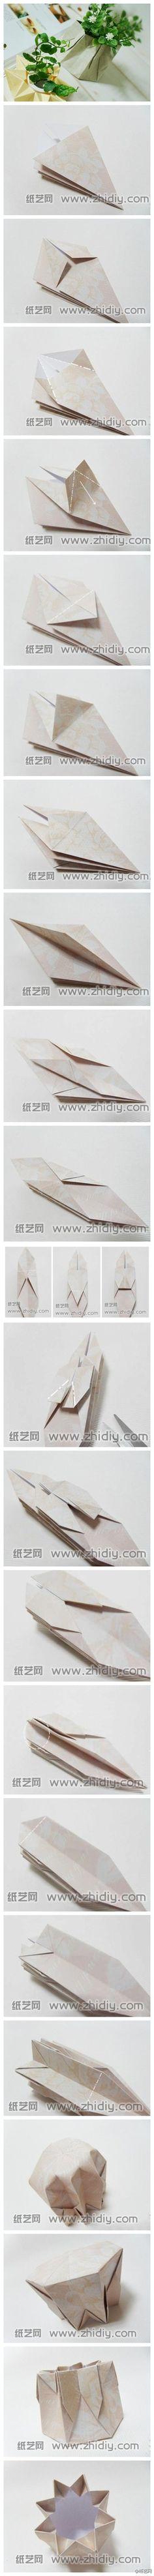 Origami 8 Points Star Vase